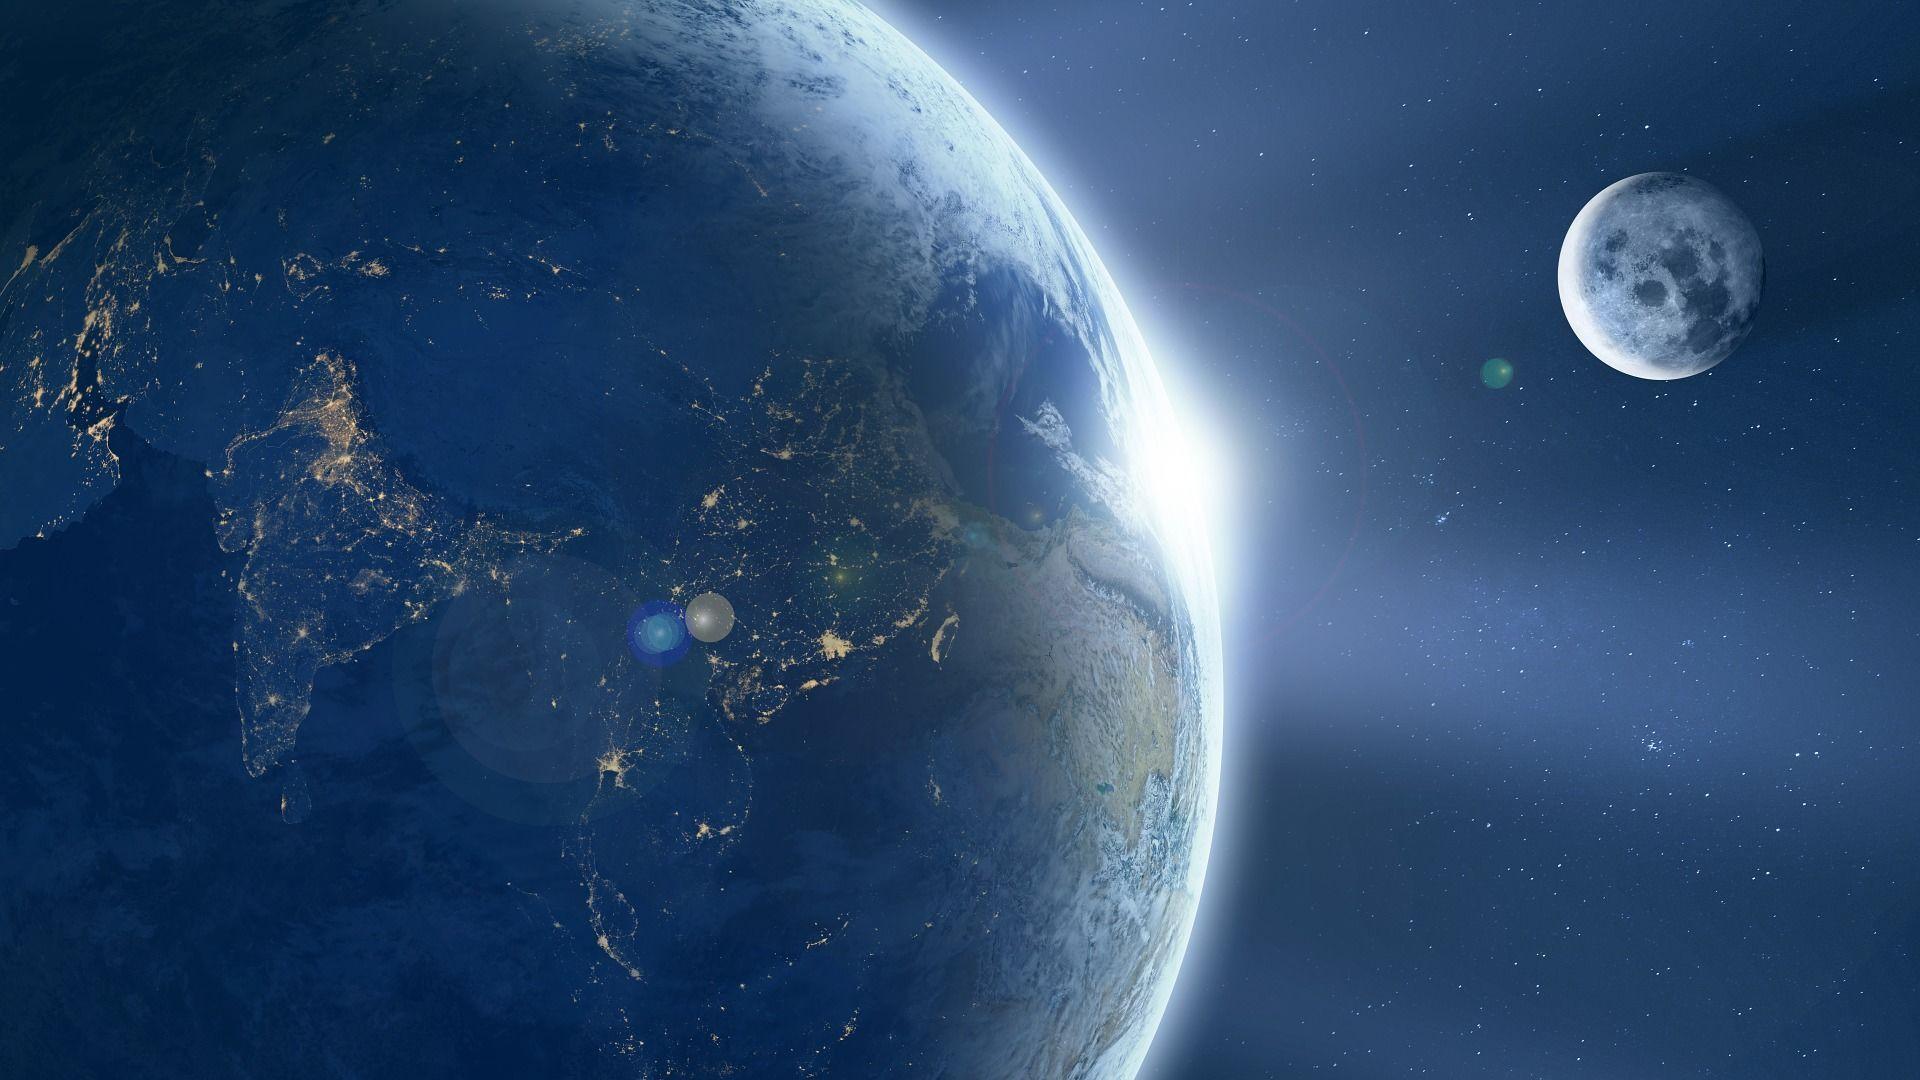 Země a Měsíc - Sputnik Česká republika, 1920, 18.05.2021